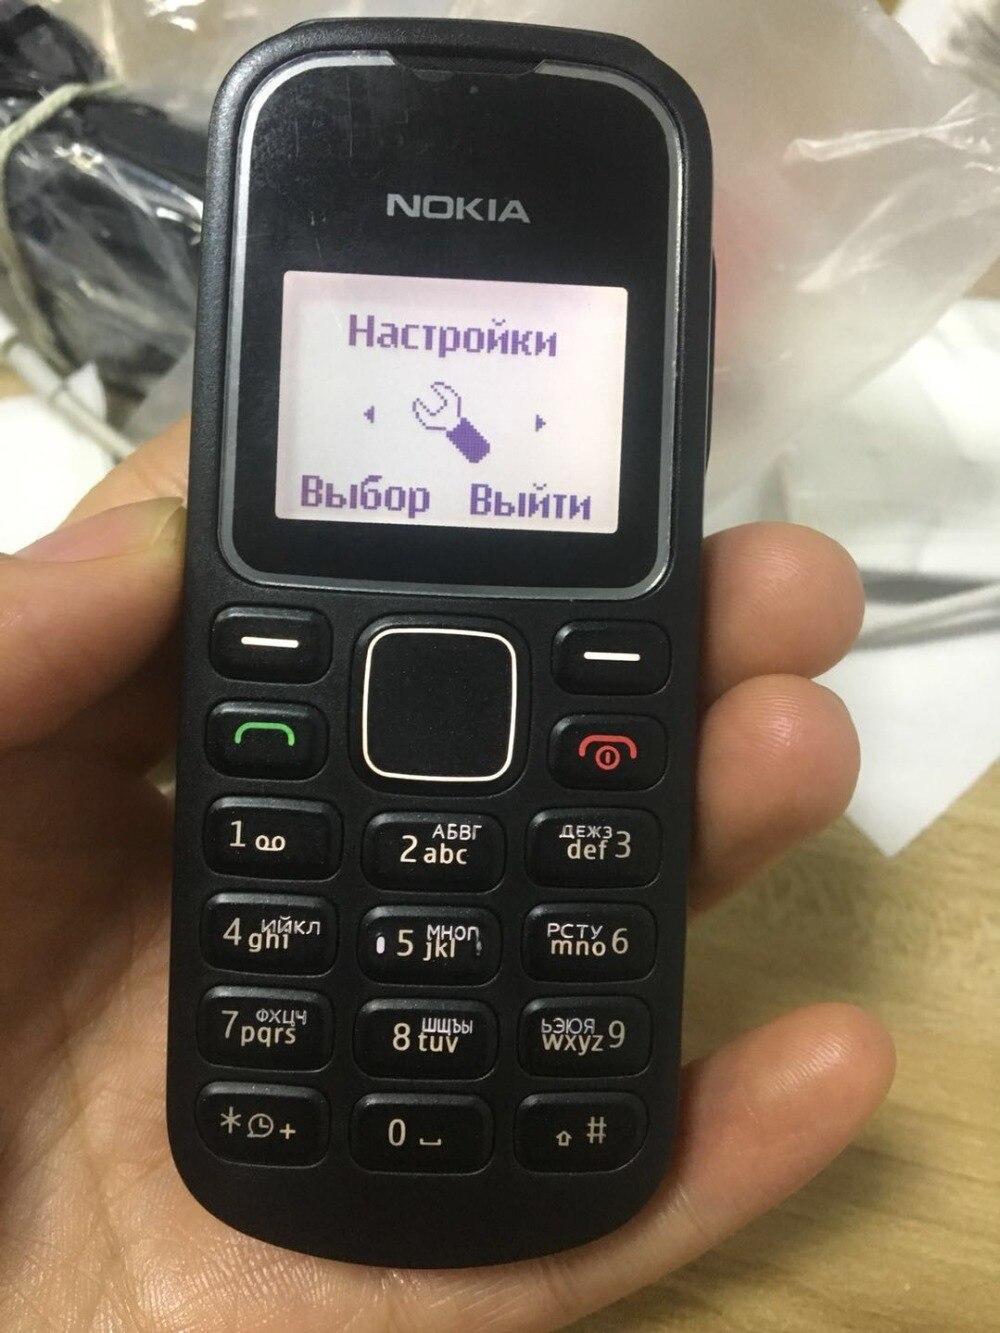 Image 3 - 1280 оригинальный отремонтированный NOKIA 1280 мобильный телефон разблокированный с gsm телефон-in Мобильные телефоны from Мобильные телефоны и телекоммуникации